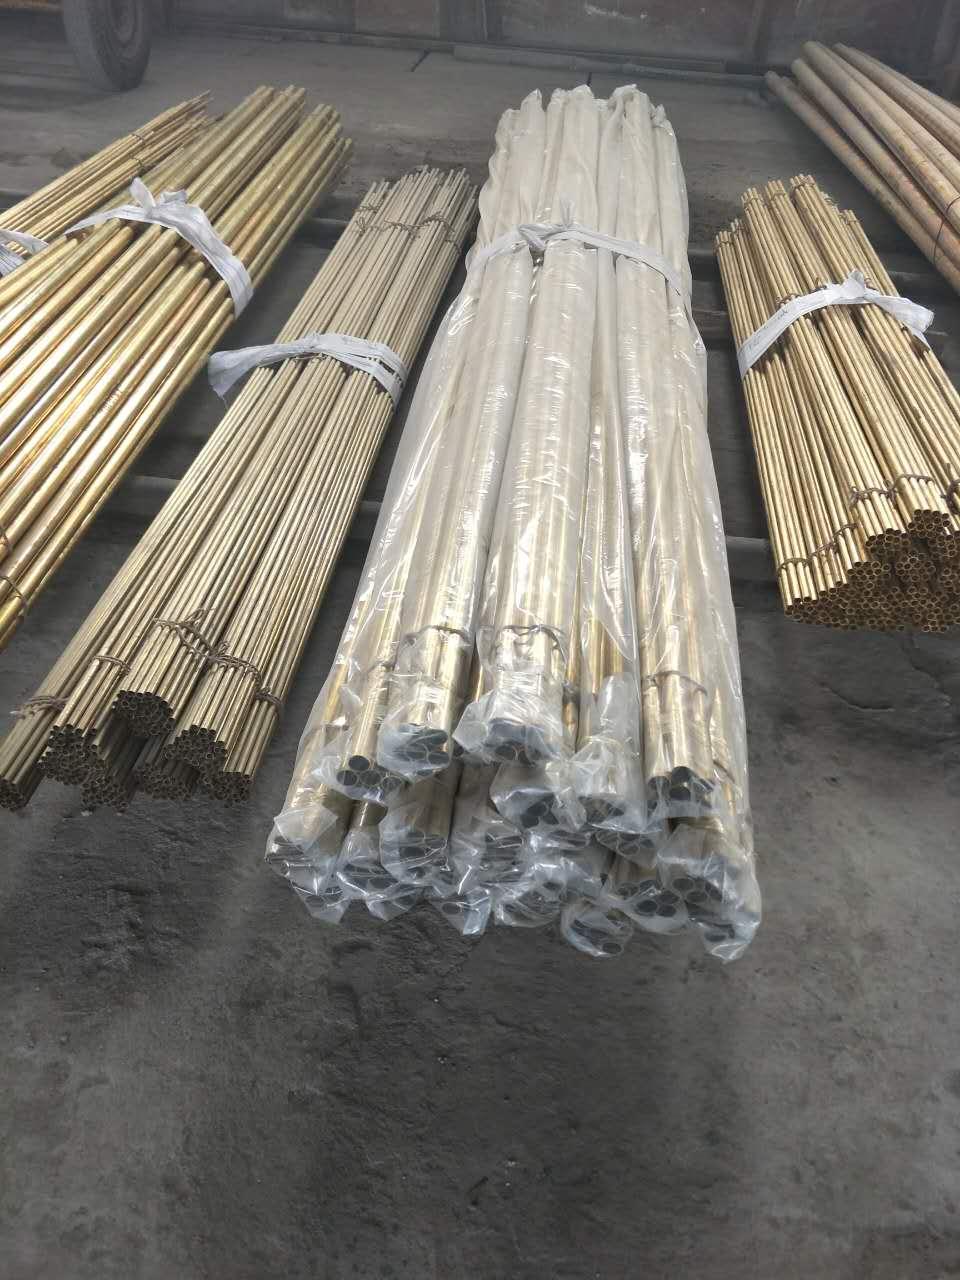 上饶QAl9-5-1-1铝青铜棒正品保障提供发票